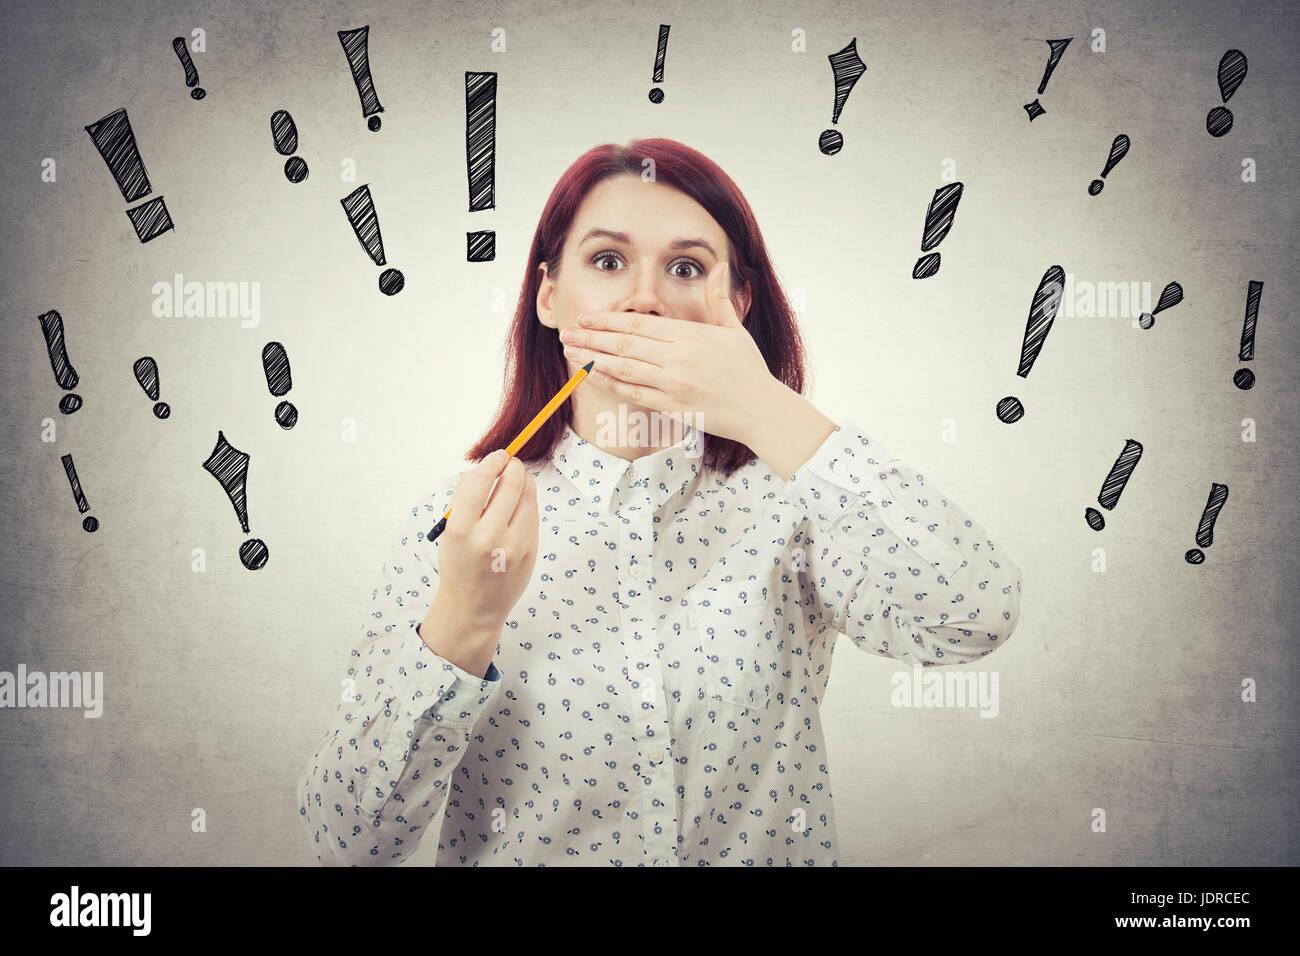 Schockiert und schüchterne junge Mädchen, die ihr den Mund mit der Hand versucht, th Gesichtsausdruck, Stockbild